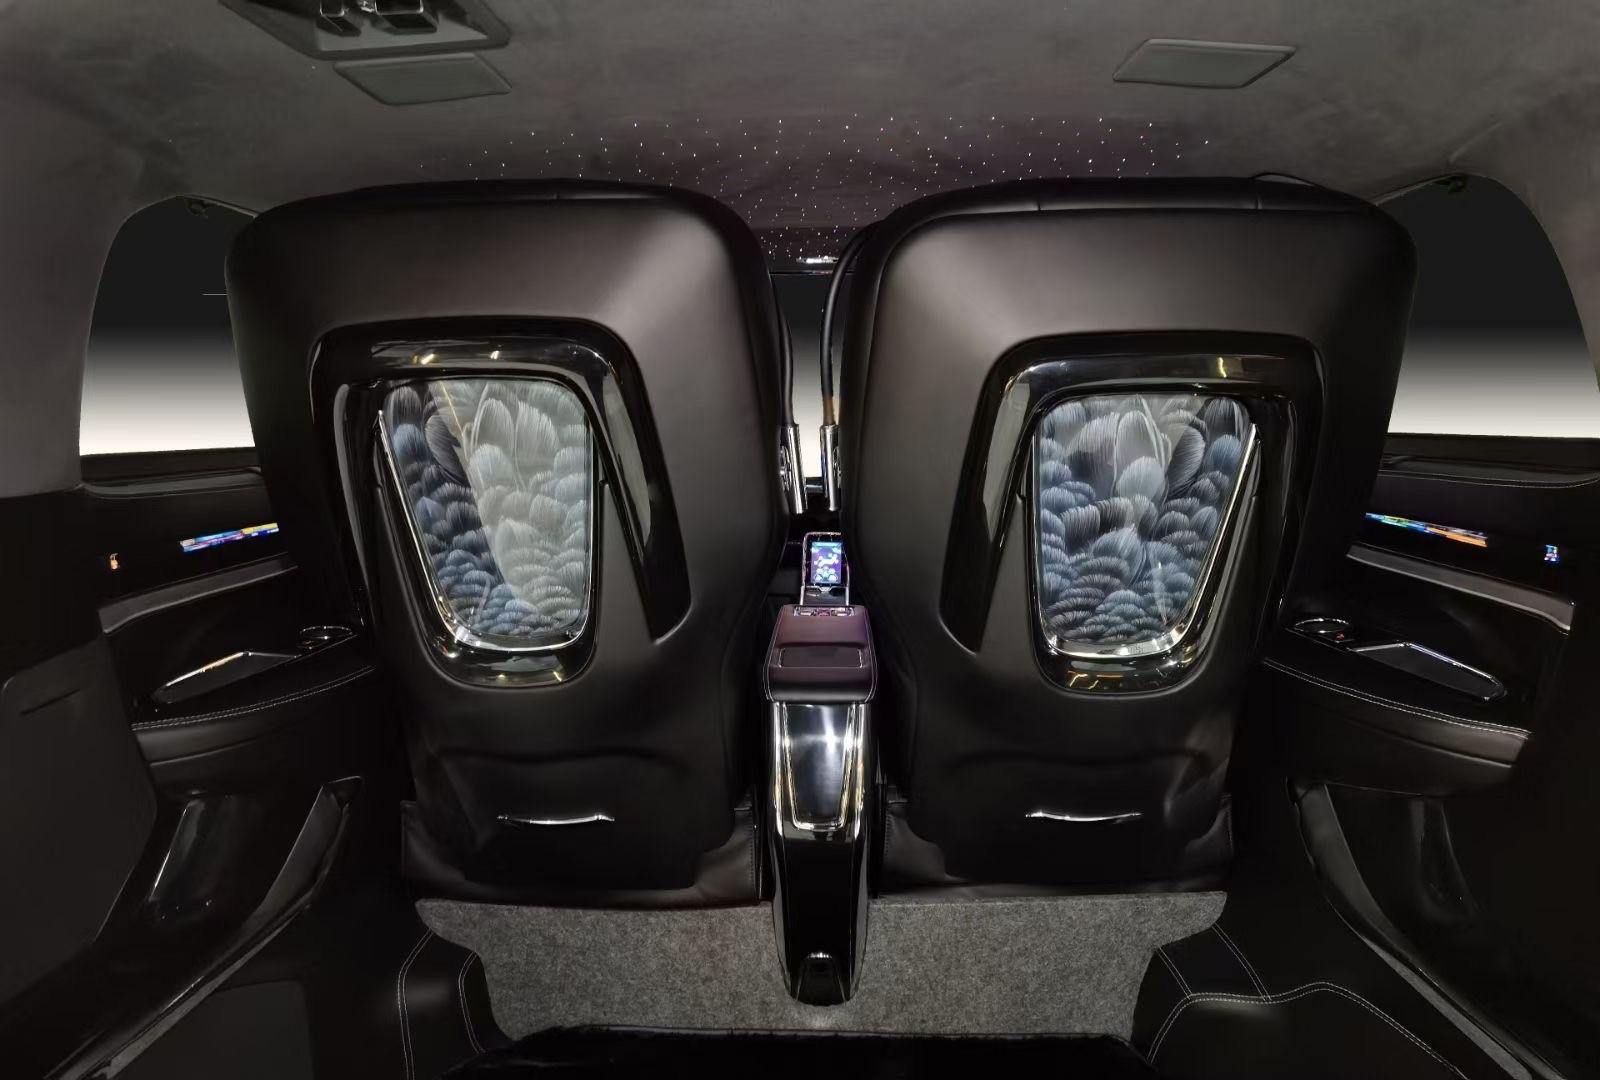 此次采用埃尔法蒙娜丽莎中规新宿天鹅为主题,星空版车顶的星空顶氛围灯堪比KTV的空间盛宴,高端的埃尔法造型大座椅带有通风加热按摩功能,不但革新完善座驾的驾乘标准,更从头解释了极致尊享的致臻含意,全新四座布局、至高地步。打造完美舒服空间、打造出真正极致奢华的埃尔法MPV。 技艺高超的设计工匠们将不同粗细的金银粉或贵金属粉末和漆混合,然后再进行描绘,使作品呈现华丽的视觉效果,随着技法日益丰富逐渐形成末金研绘工艺。全新使用在星空版多变的曲面上,匠心打造,亦体现独一无二的古典式风格统御之力为辉煌而生,为传奇而来天生独特,超越非凡,唯有伊织,方能赢得您对未来的无尽想象。